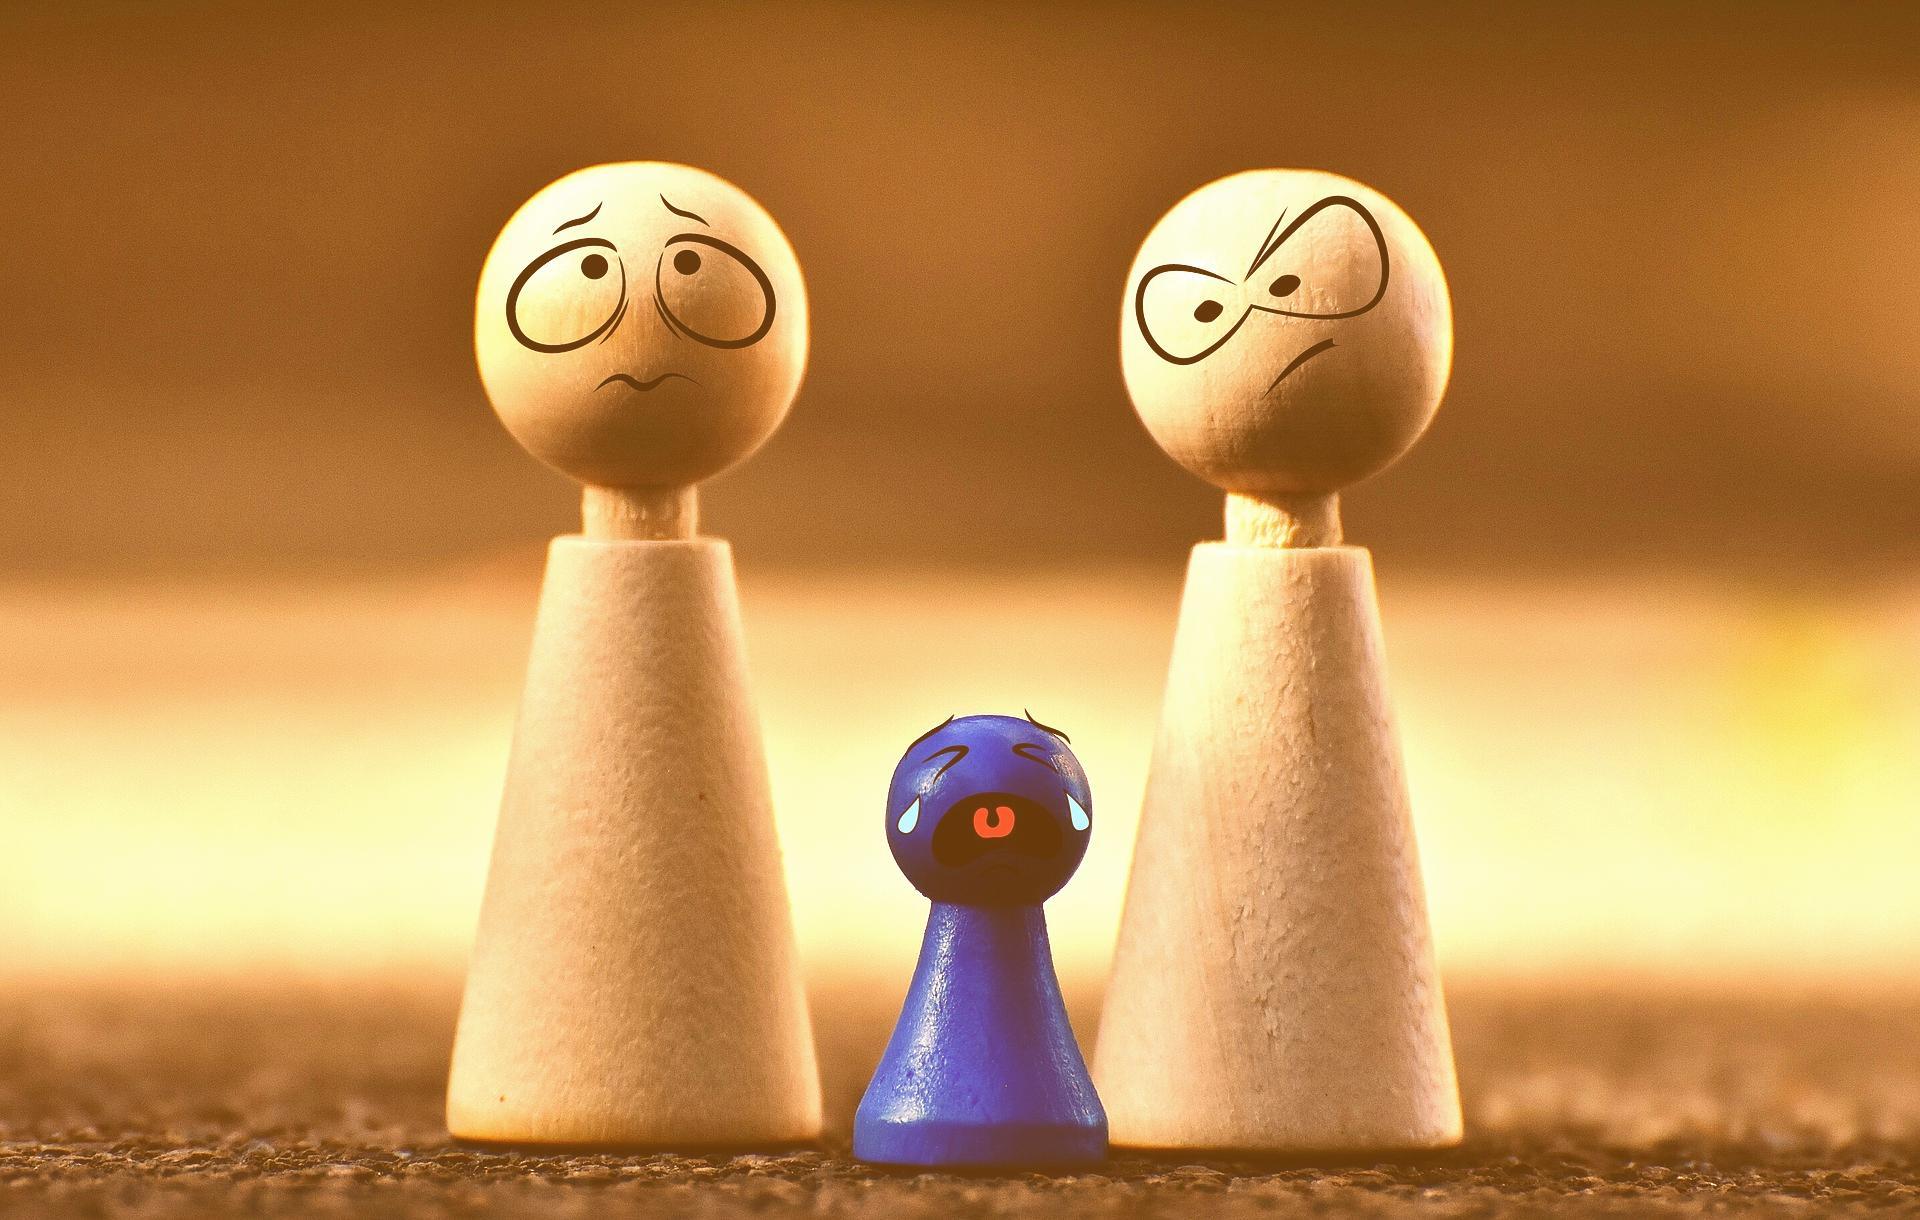 Stres in psihična odpornost: Kako škodljivi stres vpliva na starše in otroke in kaj lahko storimo glede tega?